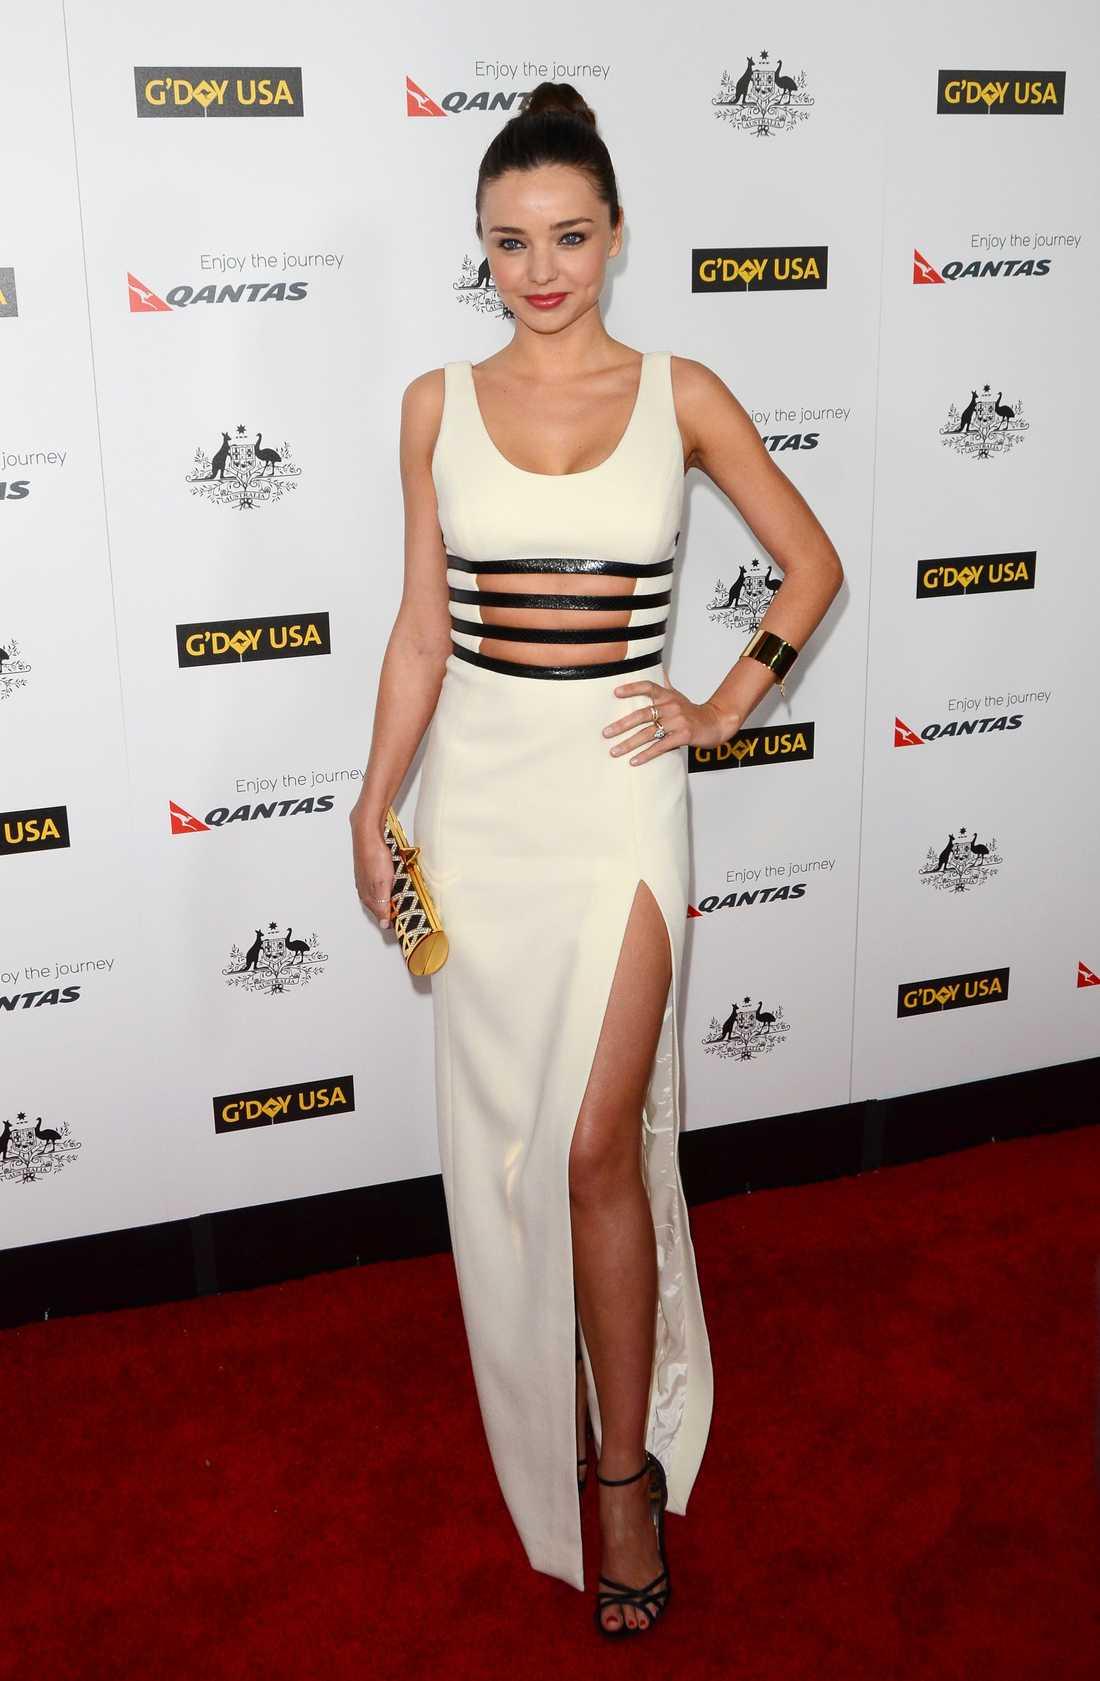 Miranda Kerr visade magen i denna vita Michael Kors-klänning med svarta detaljer. Med lårhög slits och i Dolce & Gabbana-klackar visade modellen även upp sina långa ben.